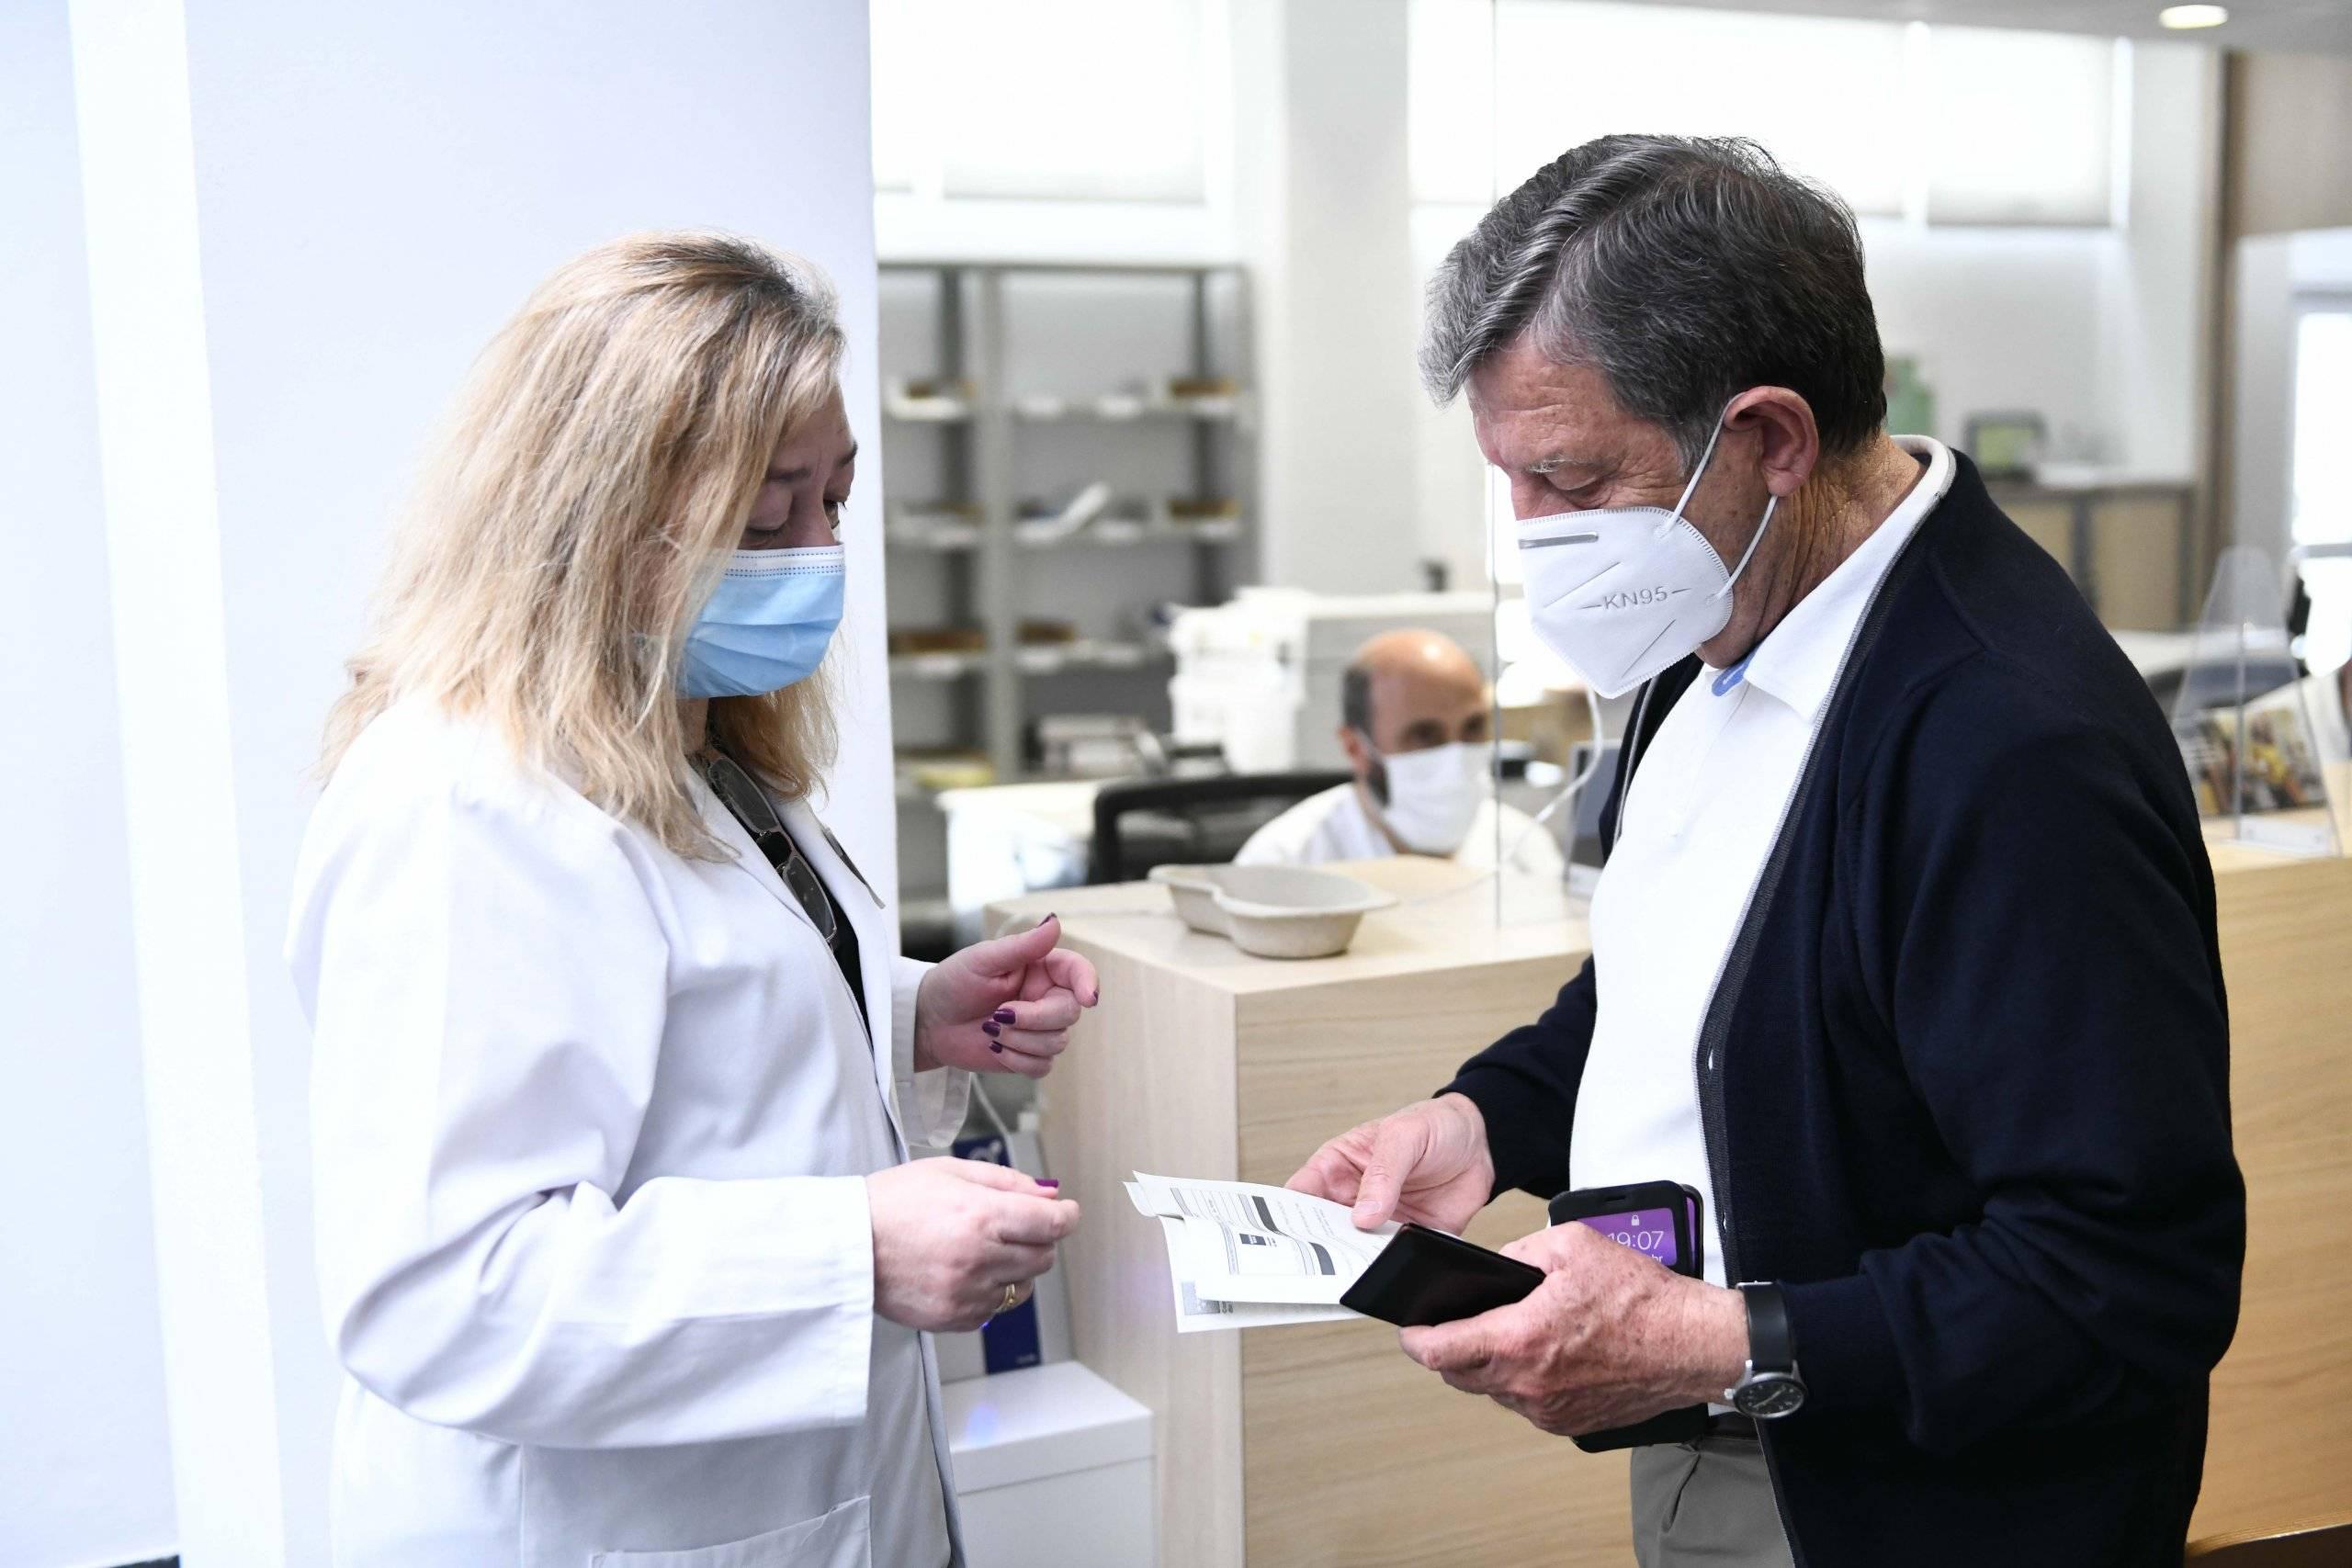 El regidor villanovense recibiendo la documentación tras la vacunación.